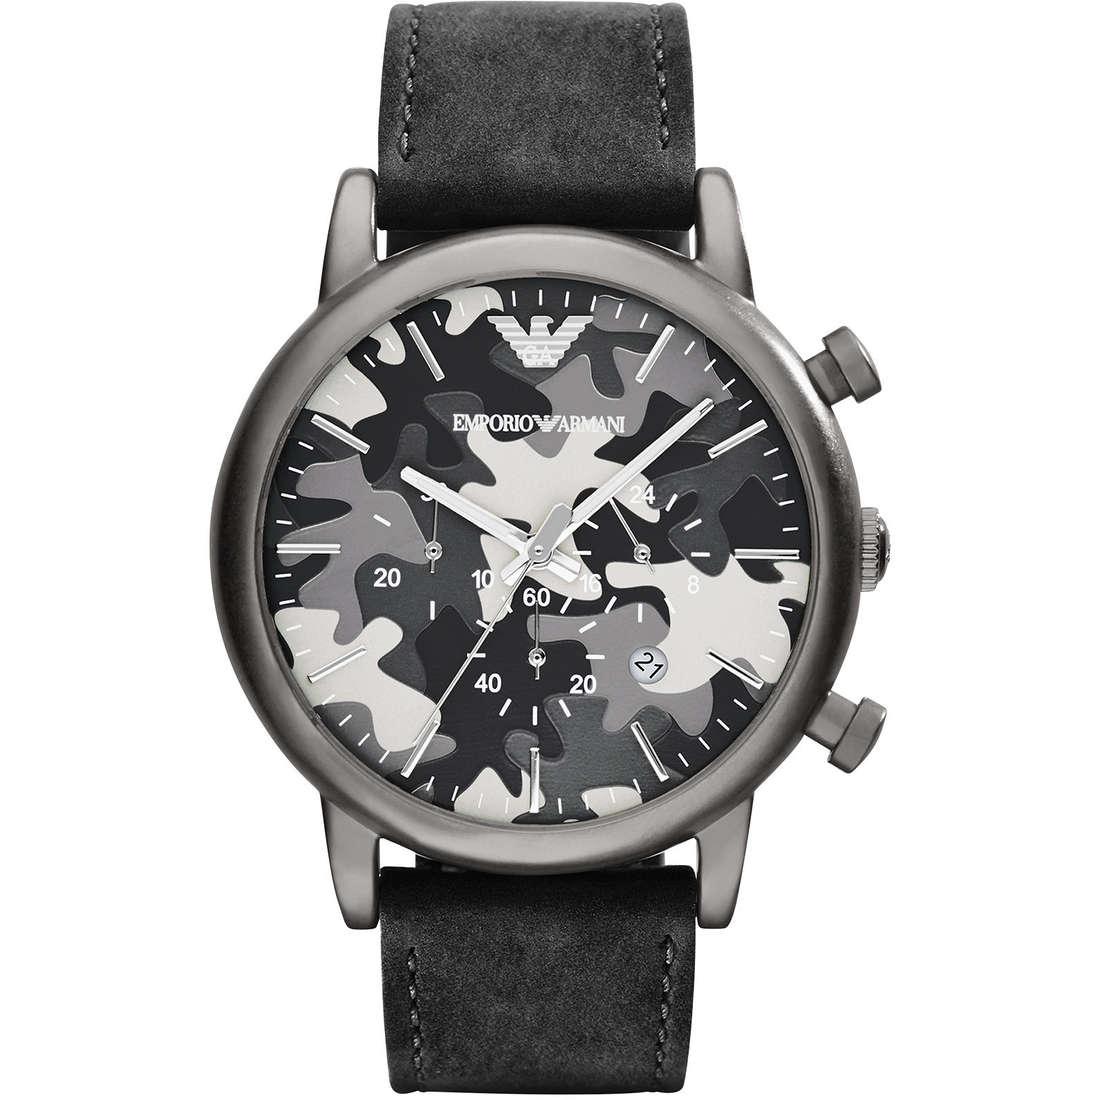 montre chronographe homme Emporio Armani AR1816